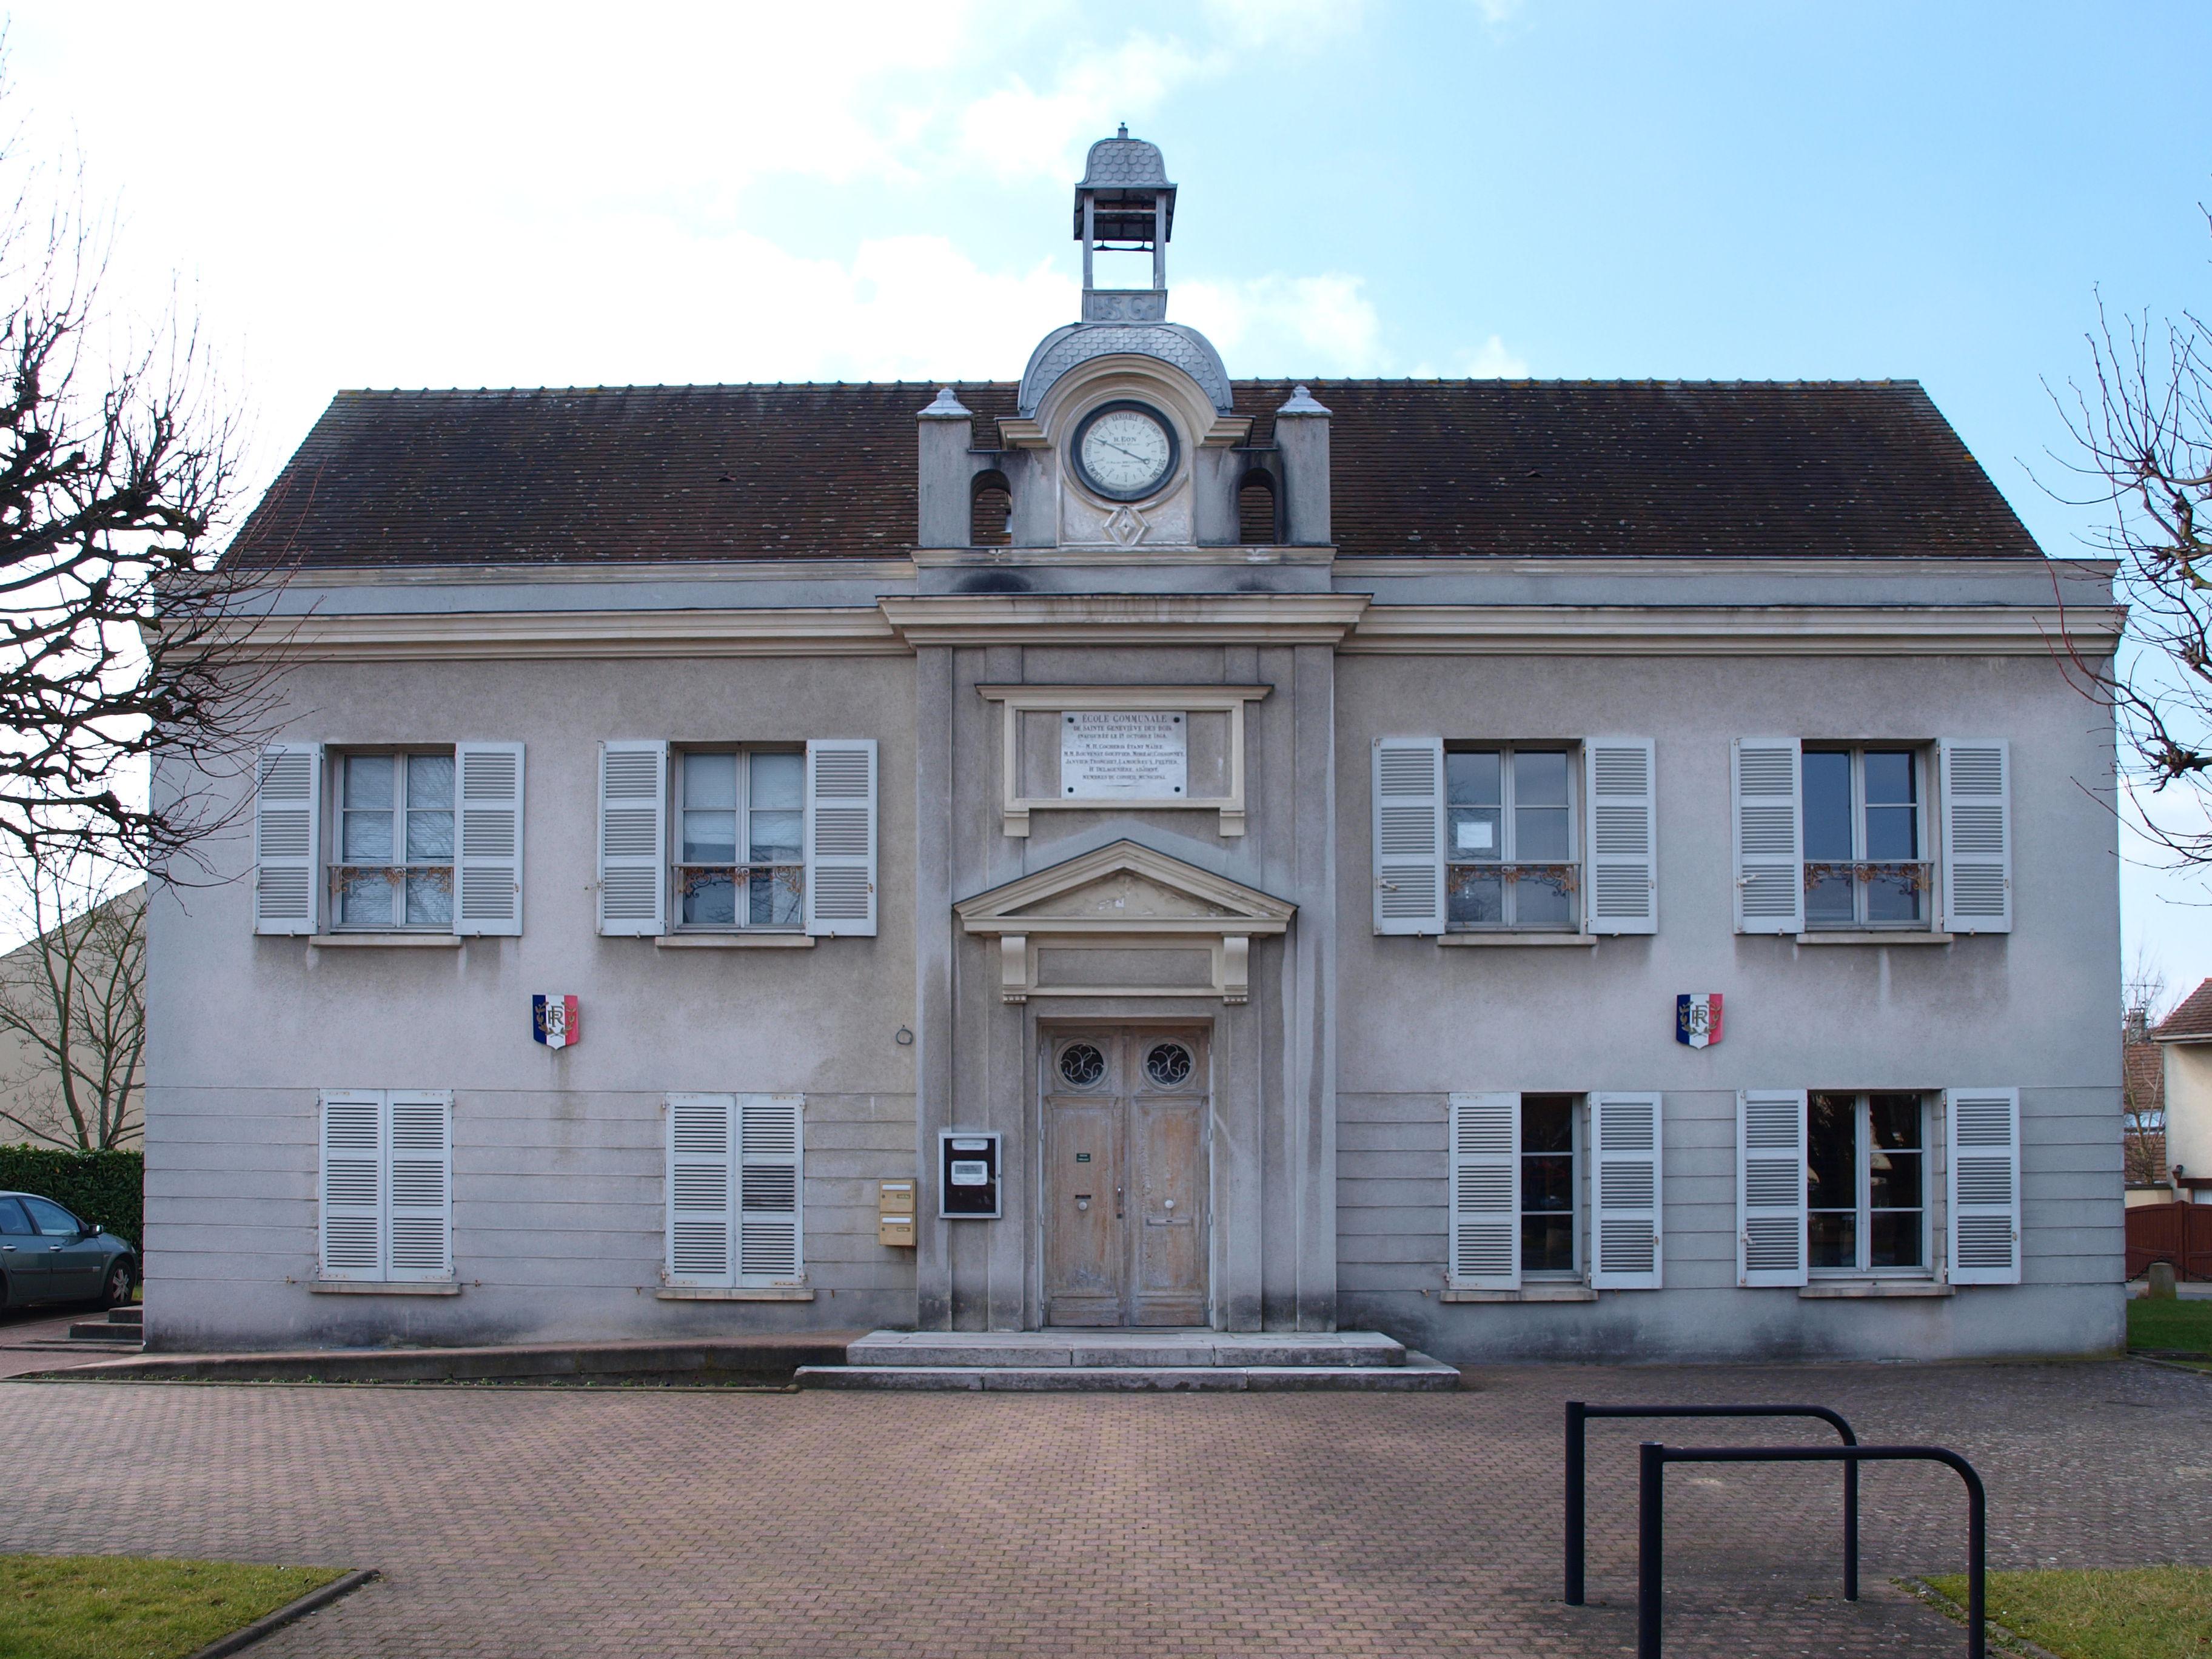 File Sainte Genevi u00e8ve des Bois 91 vieilleécole 01 jpg Wikimedia Com # St Geneviève Des Bois